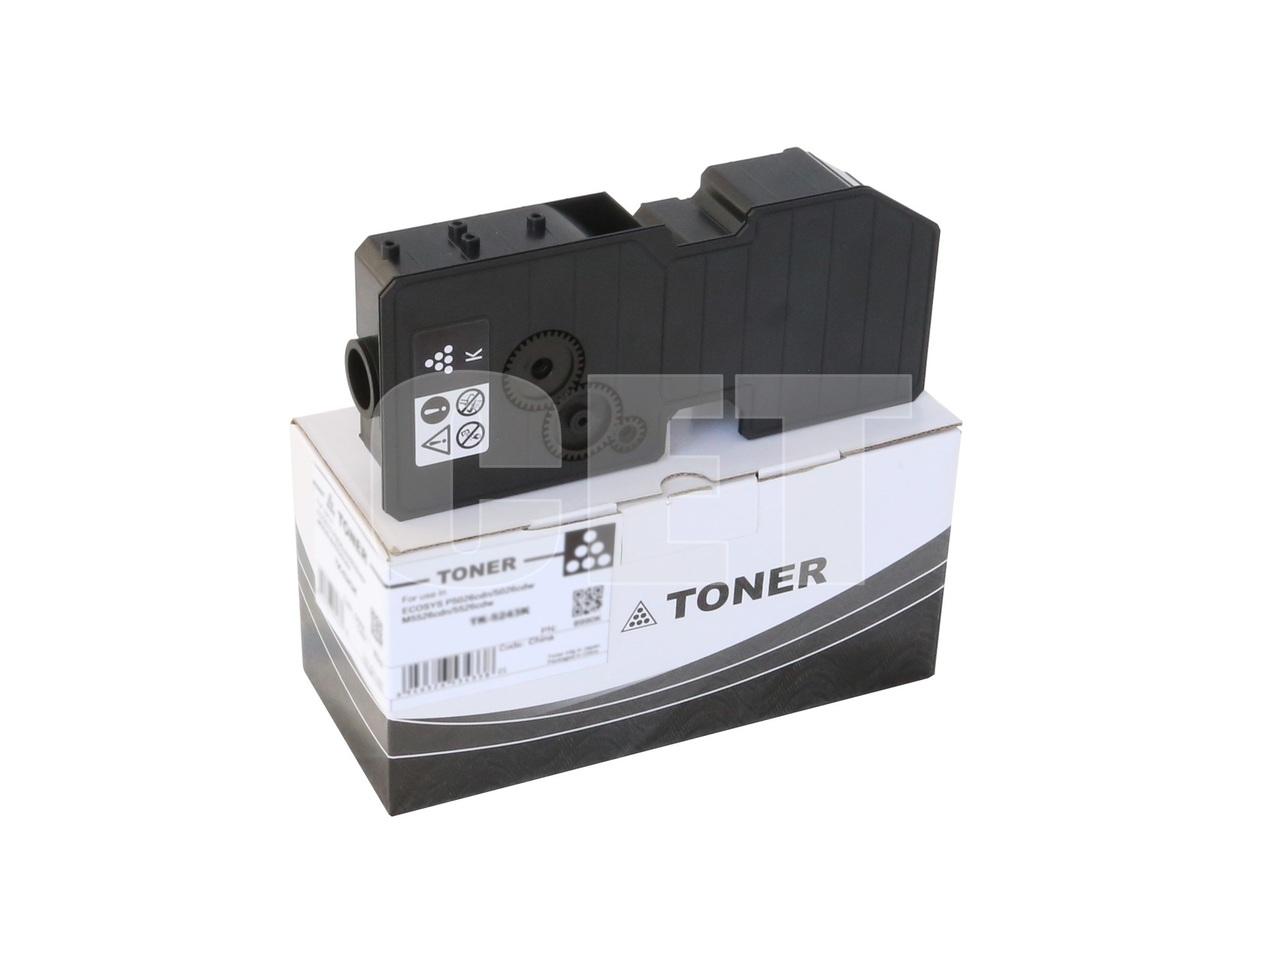 Тонер-картридж (PK208) TK-5230K для KYOCERA ECOSYSP5021cdn/M5521cdn (CET) Black, 42,3г, 2600 стр., CET8995K